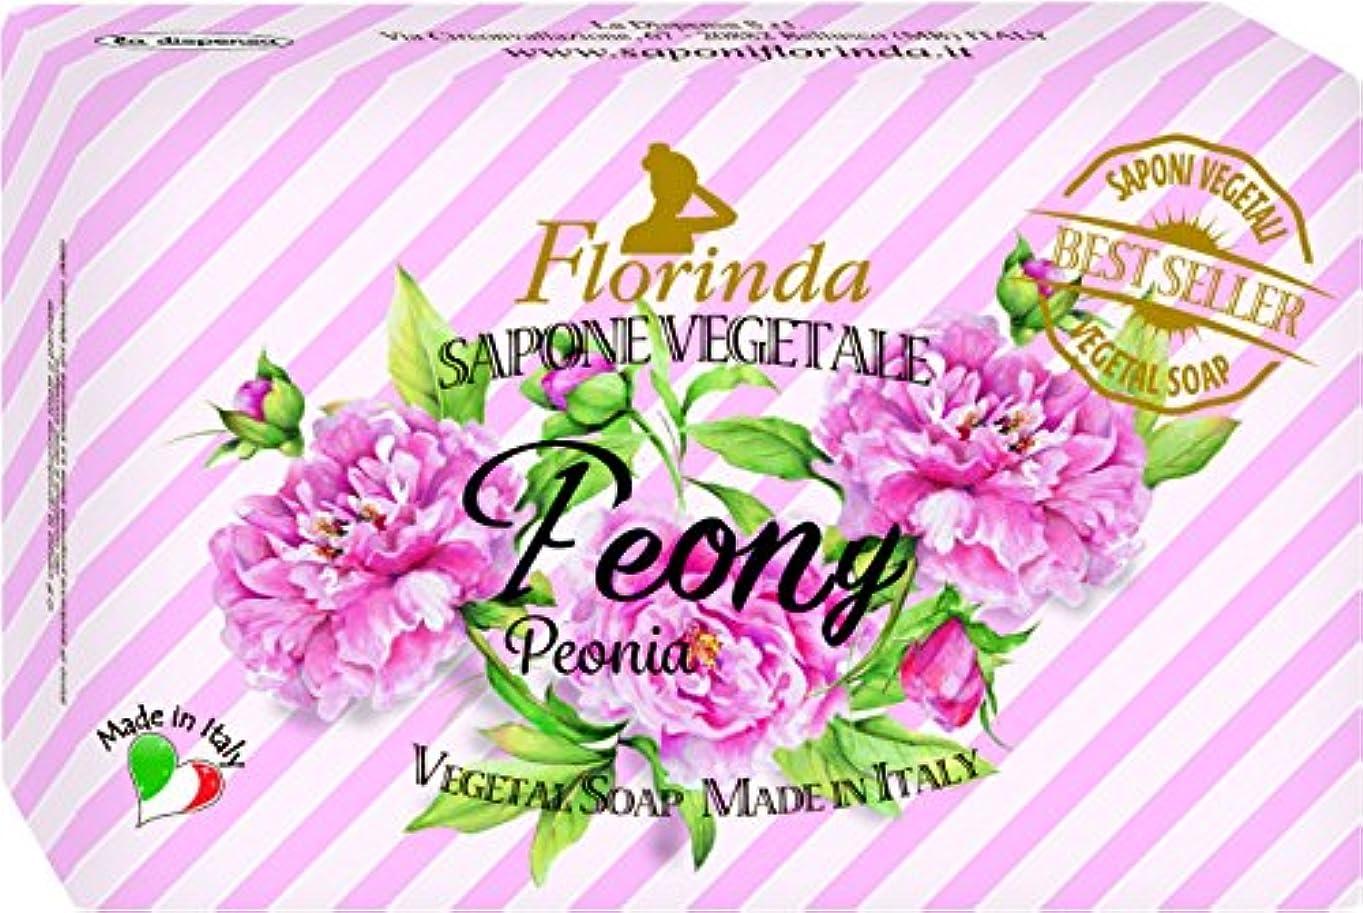 フレグランスソープ ベストセラーシリーズ ピオニー